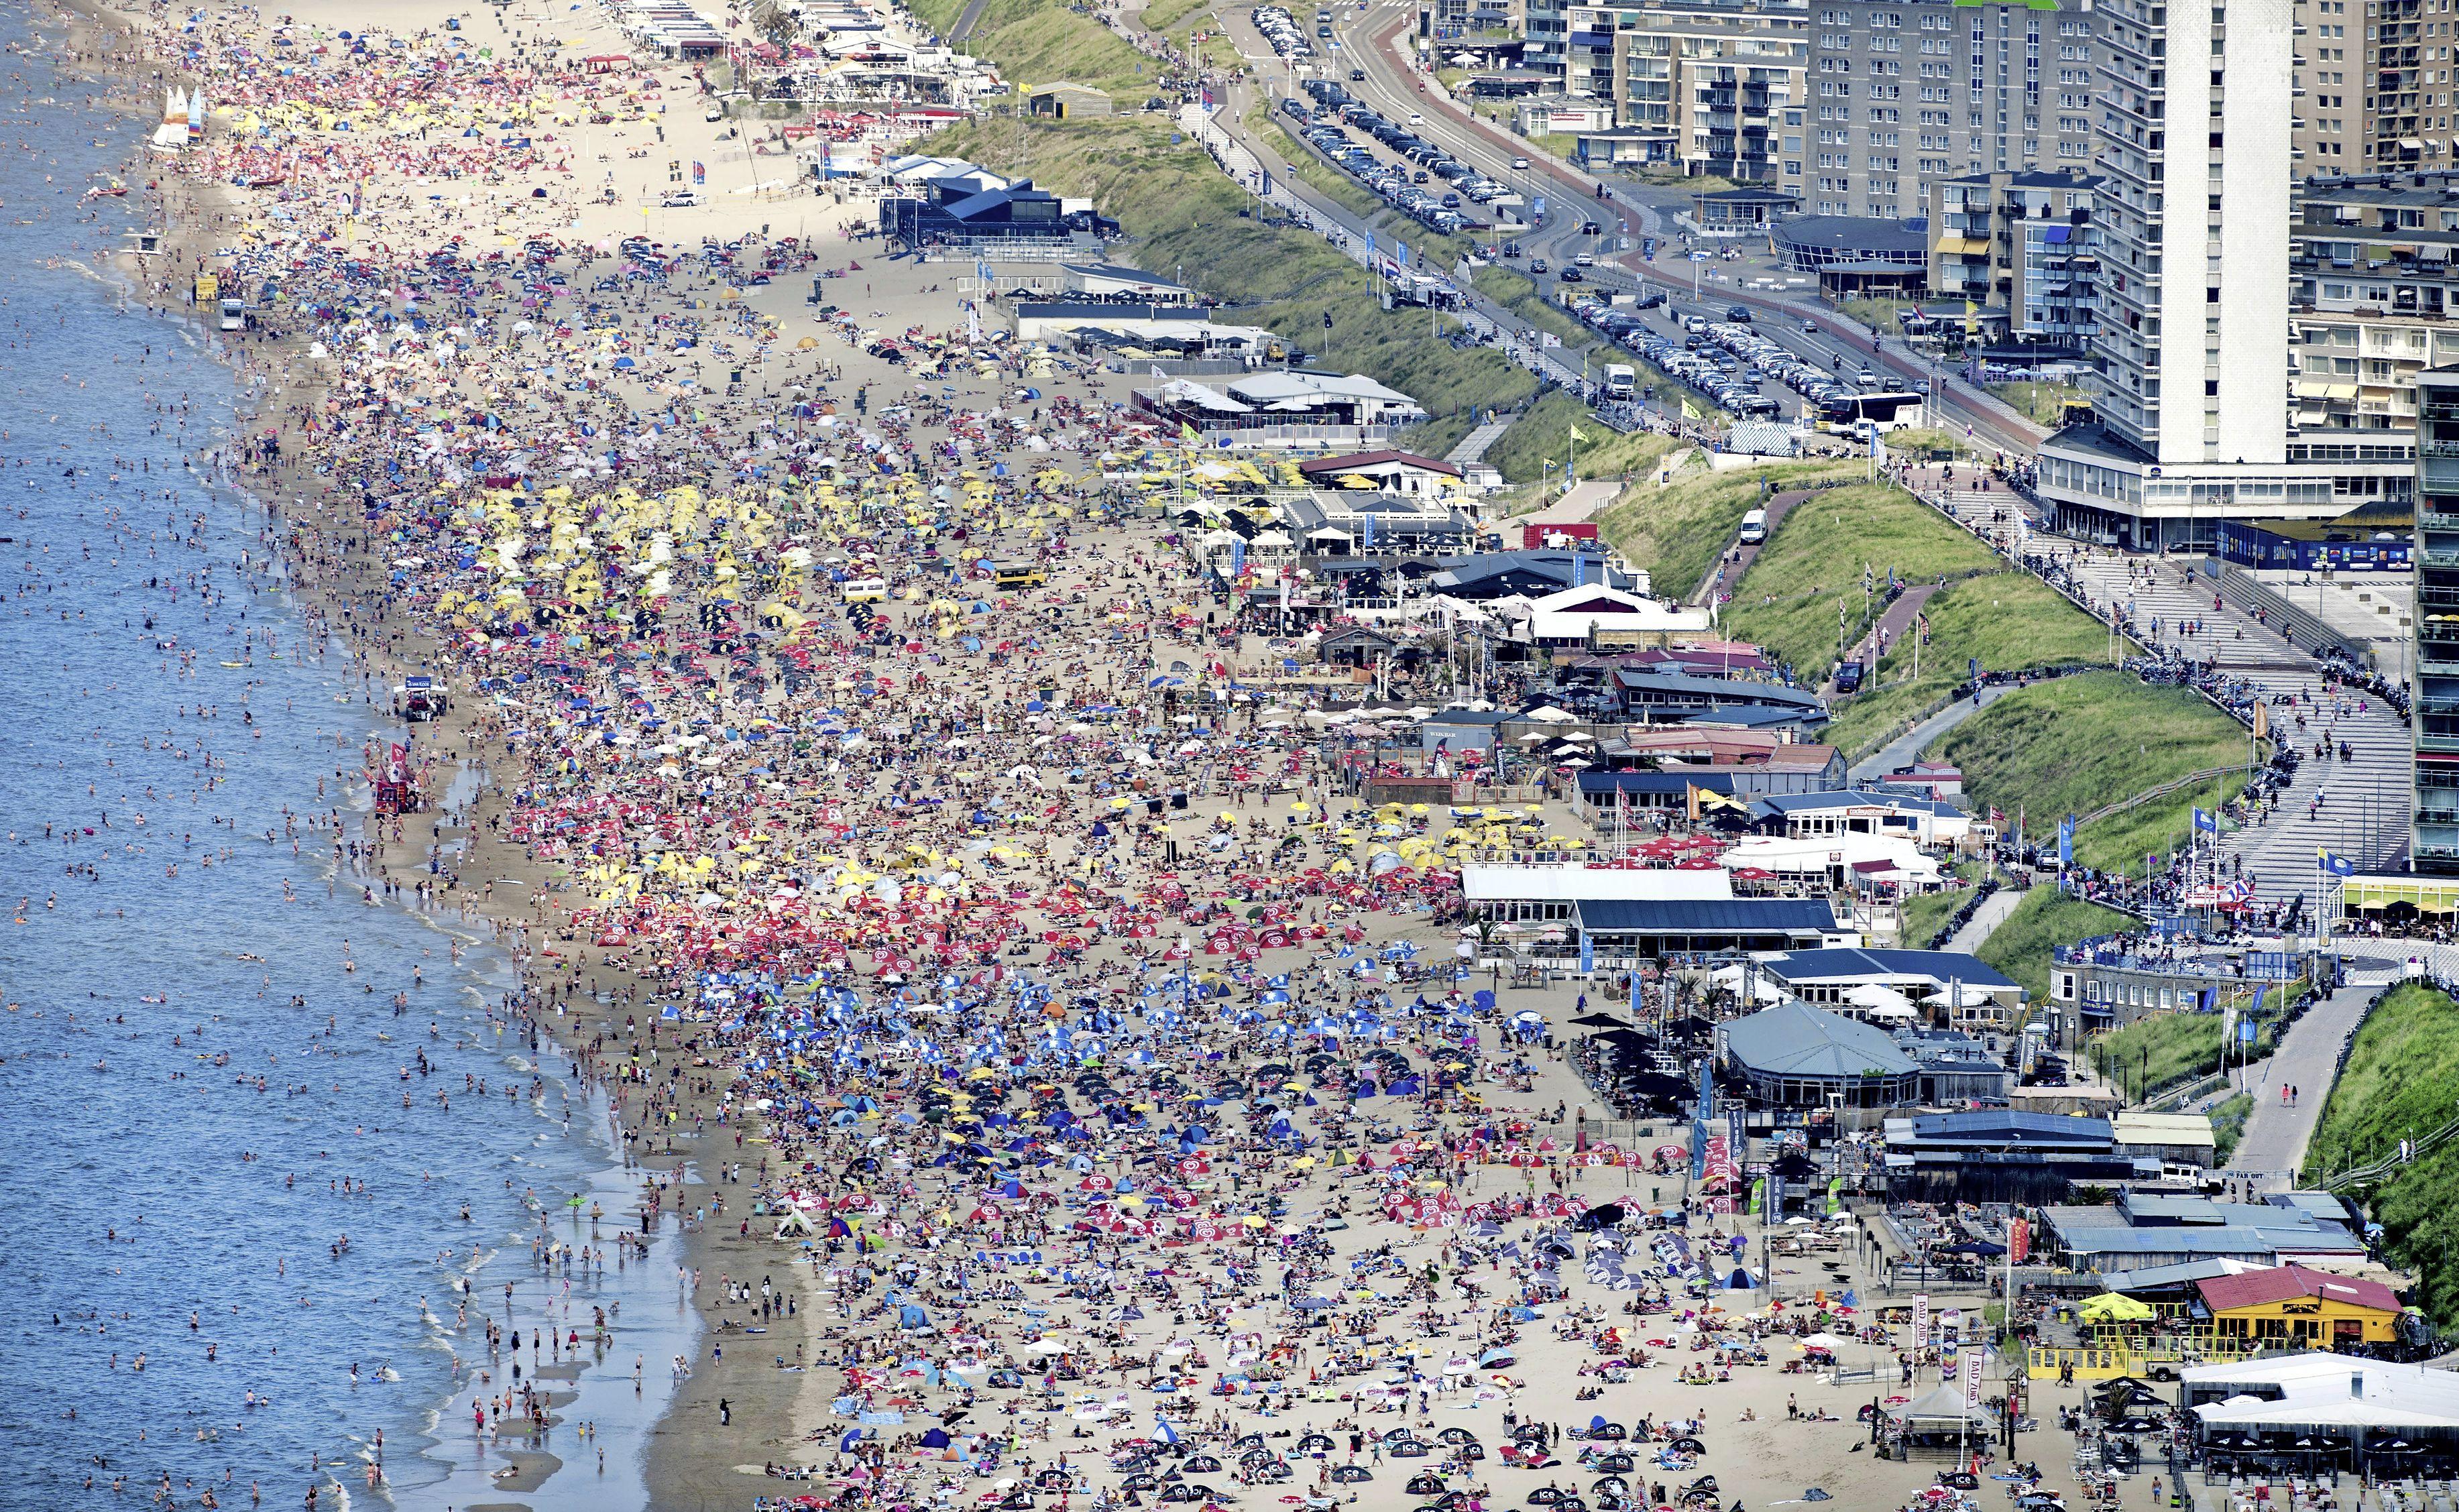 Hoe Zandvoort het in de toekomst leuk wil houden voor zowel inwoners als bezoekers